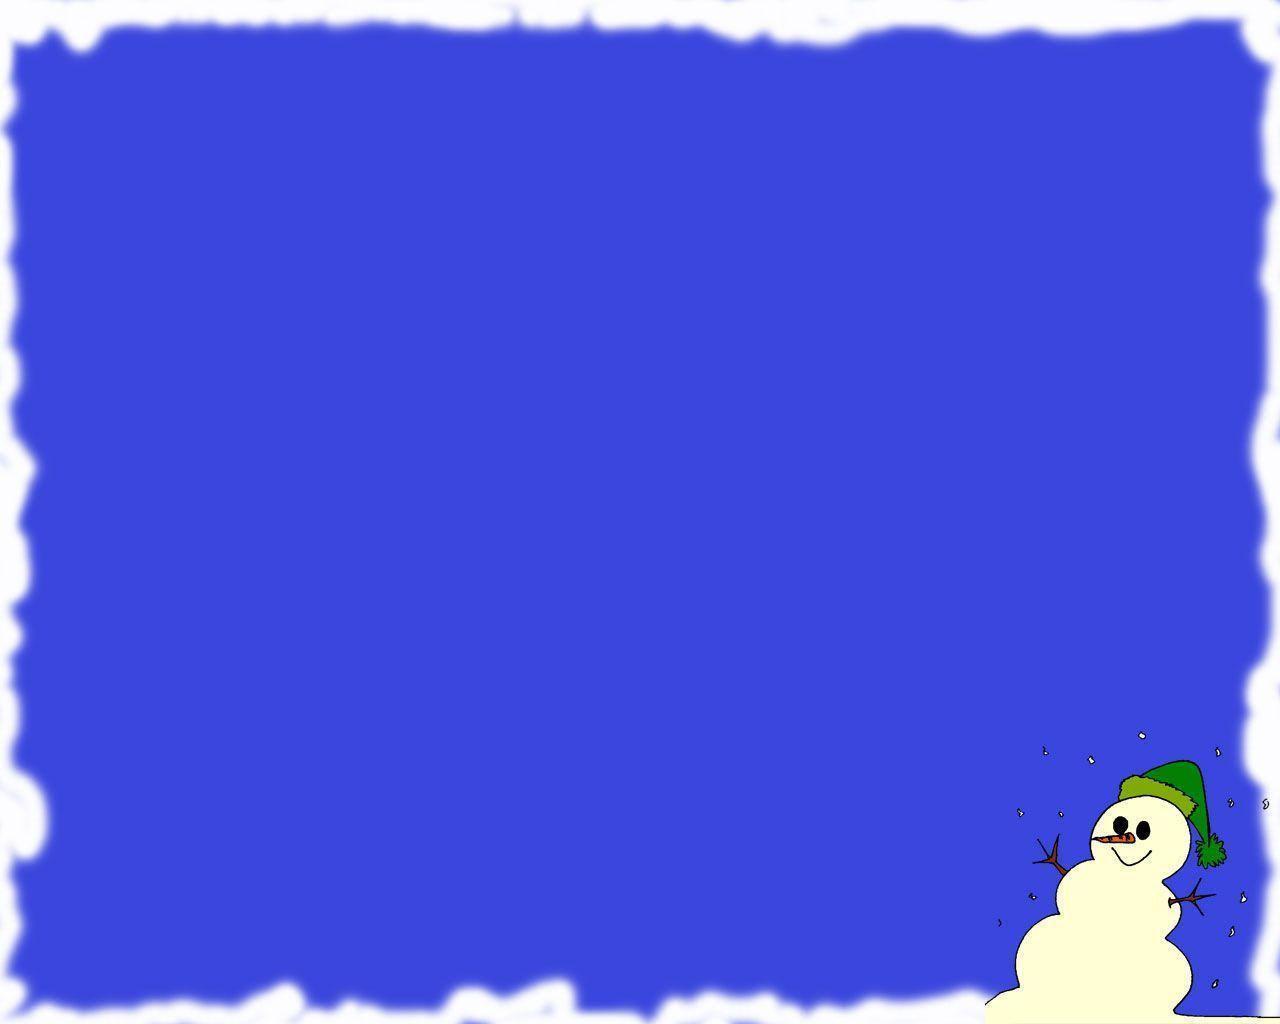 Unduh 47 Koleksi Wallpaper Animasi Untuk Powerpoint Foto HD Terbaru